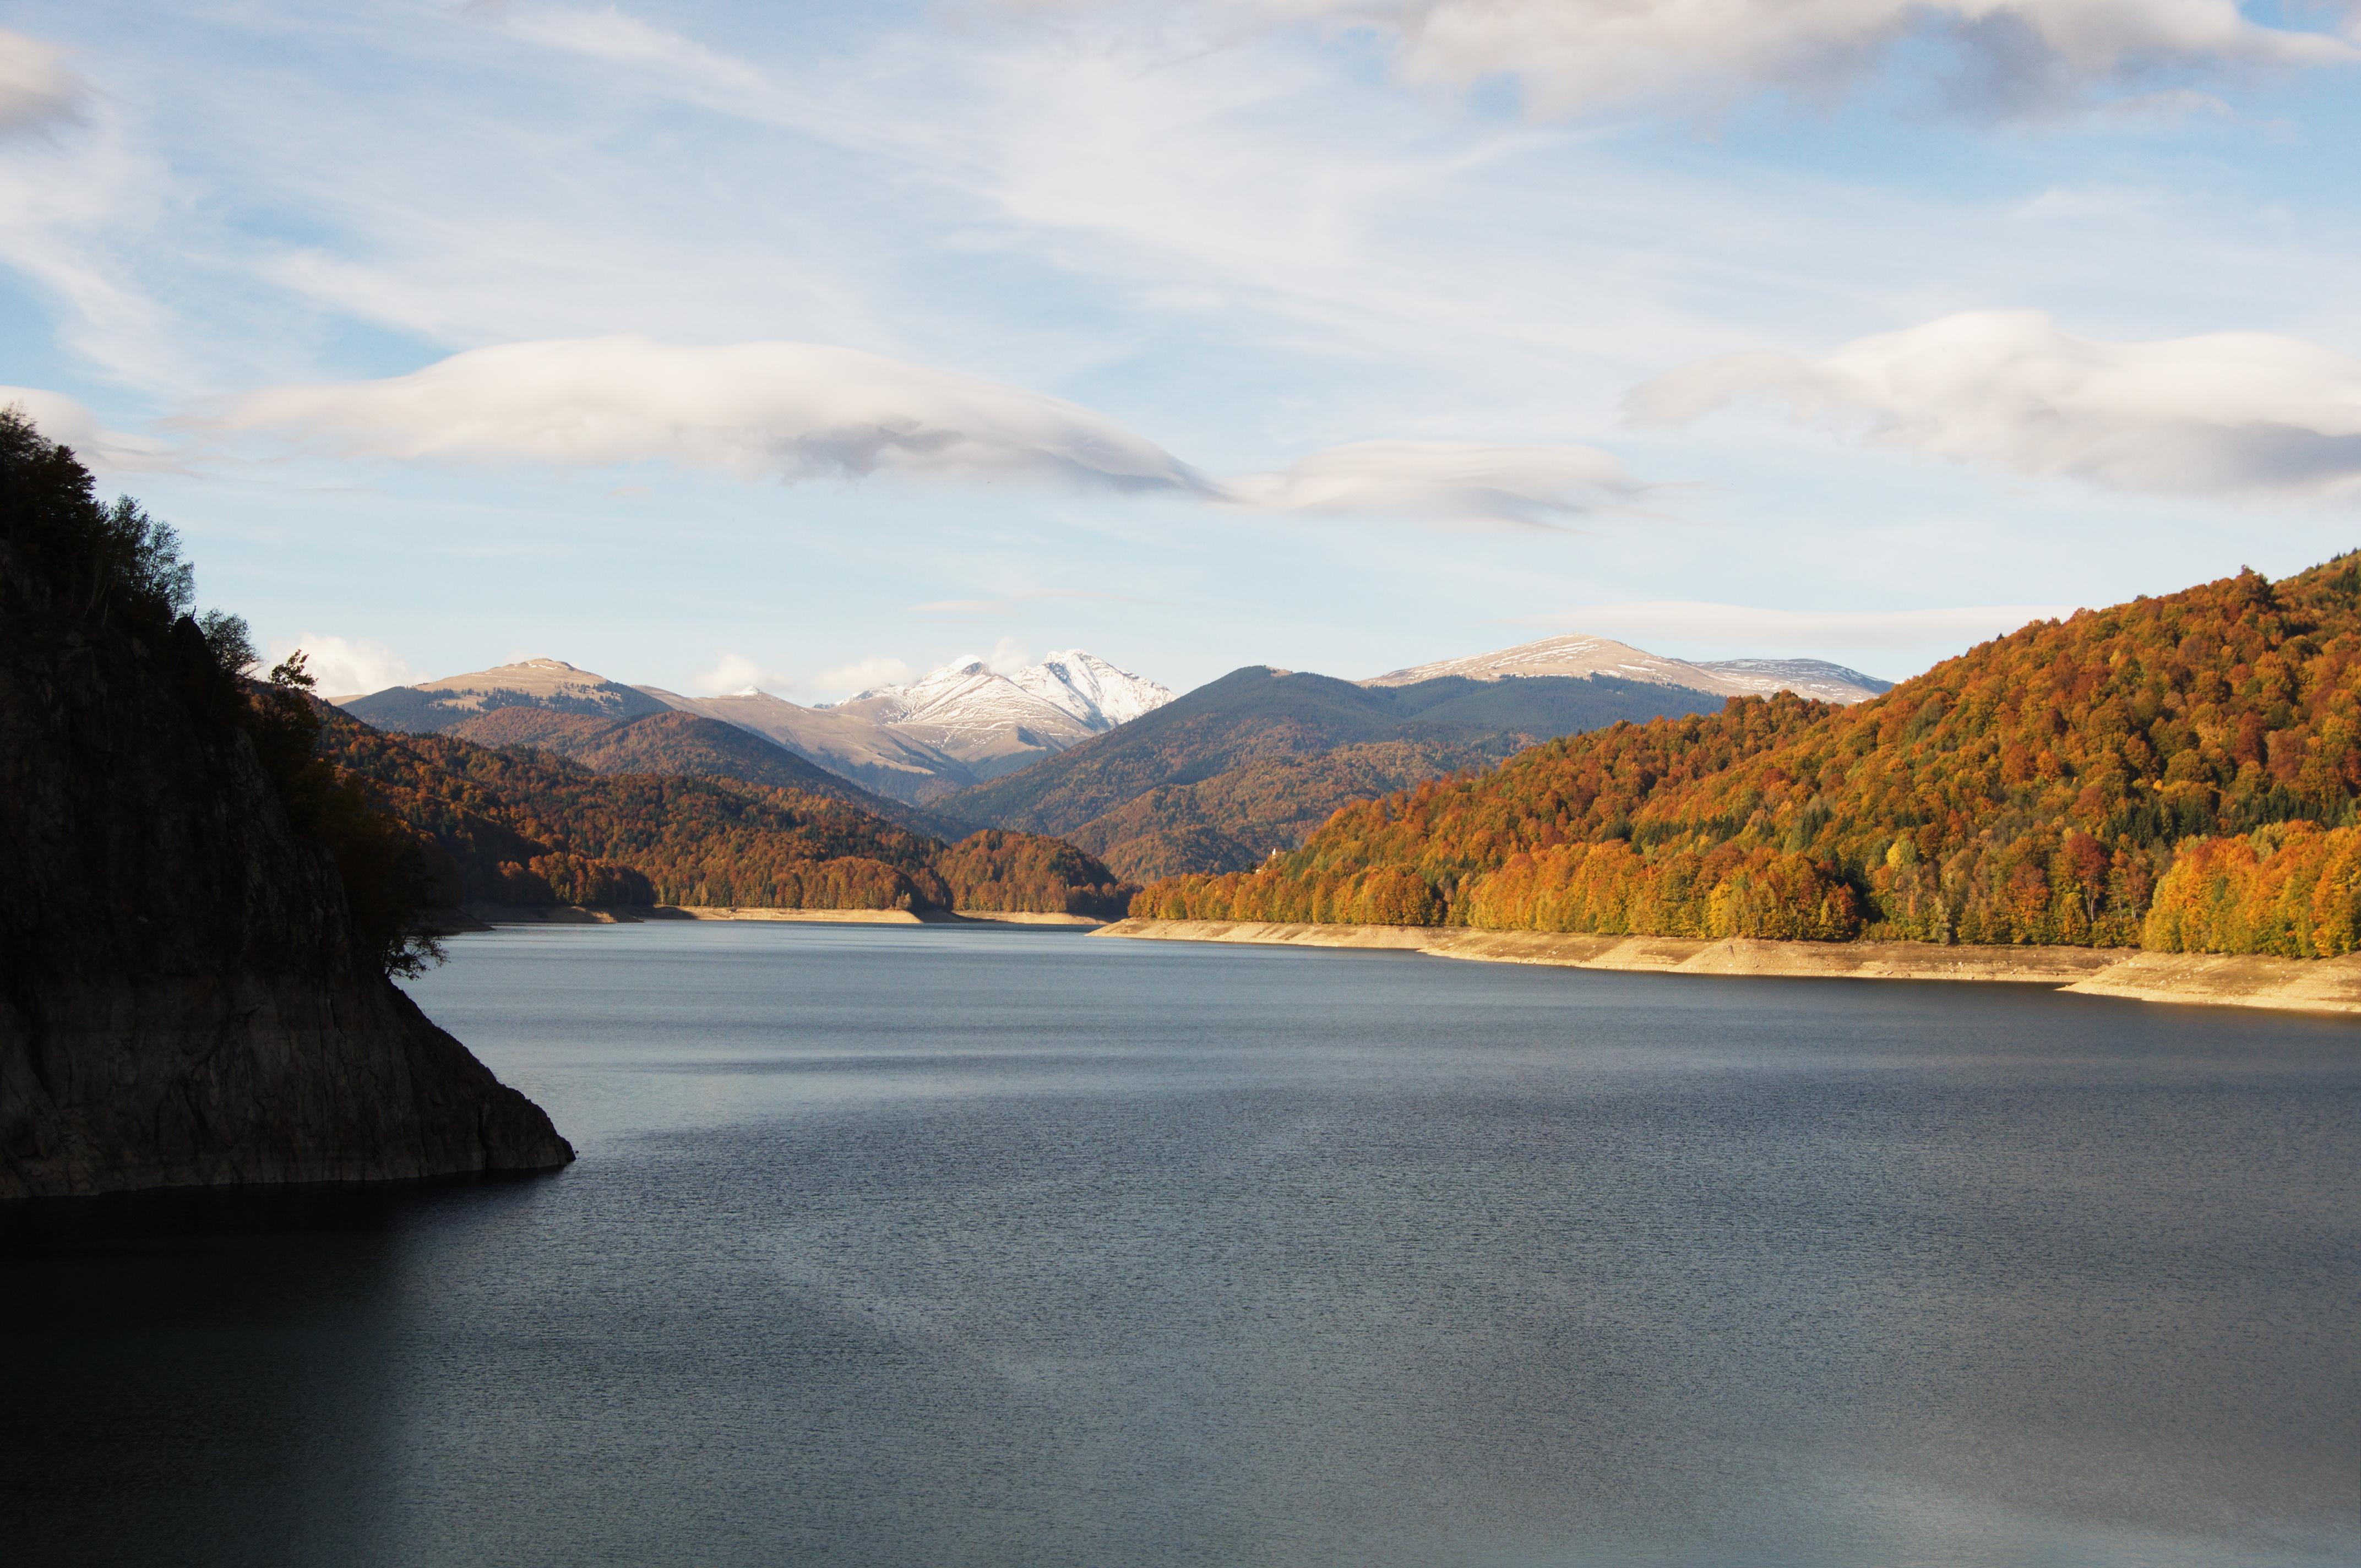 Vârful Negoiu înzăpezit. Vedere de la Barajul Vidraru.